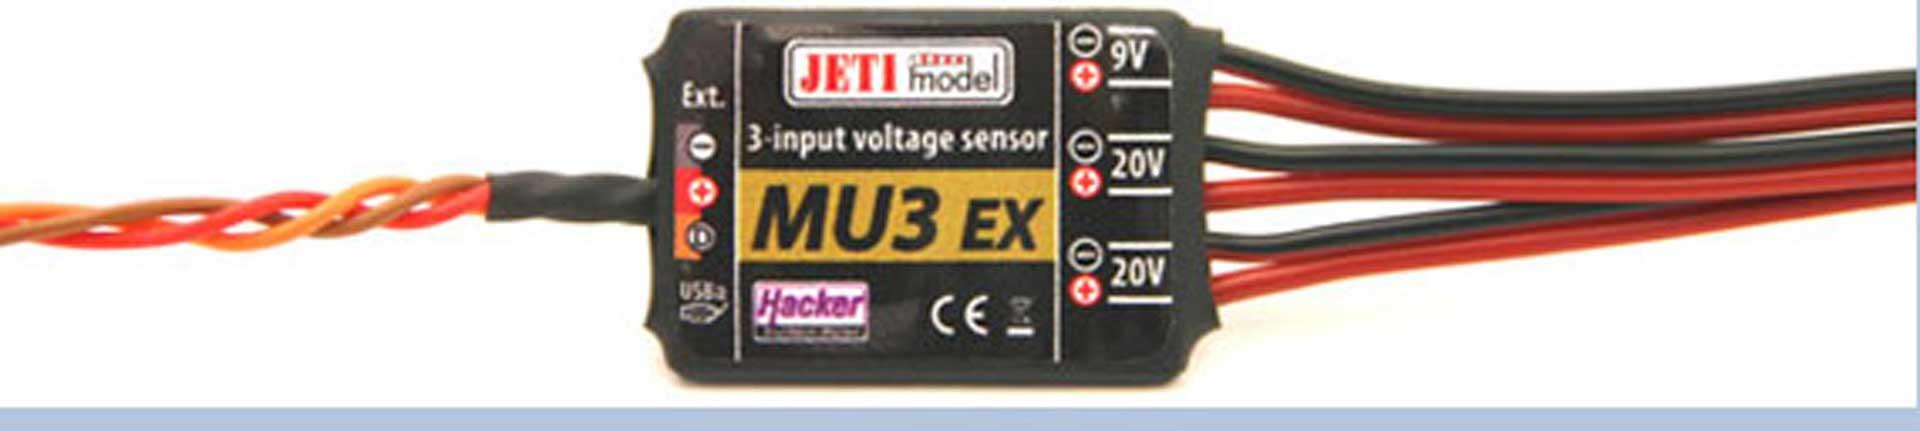 JETI DUPLEX 2.4EX MU 3 SPANNUNGS-SENSOR MIT 3